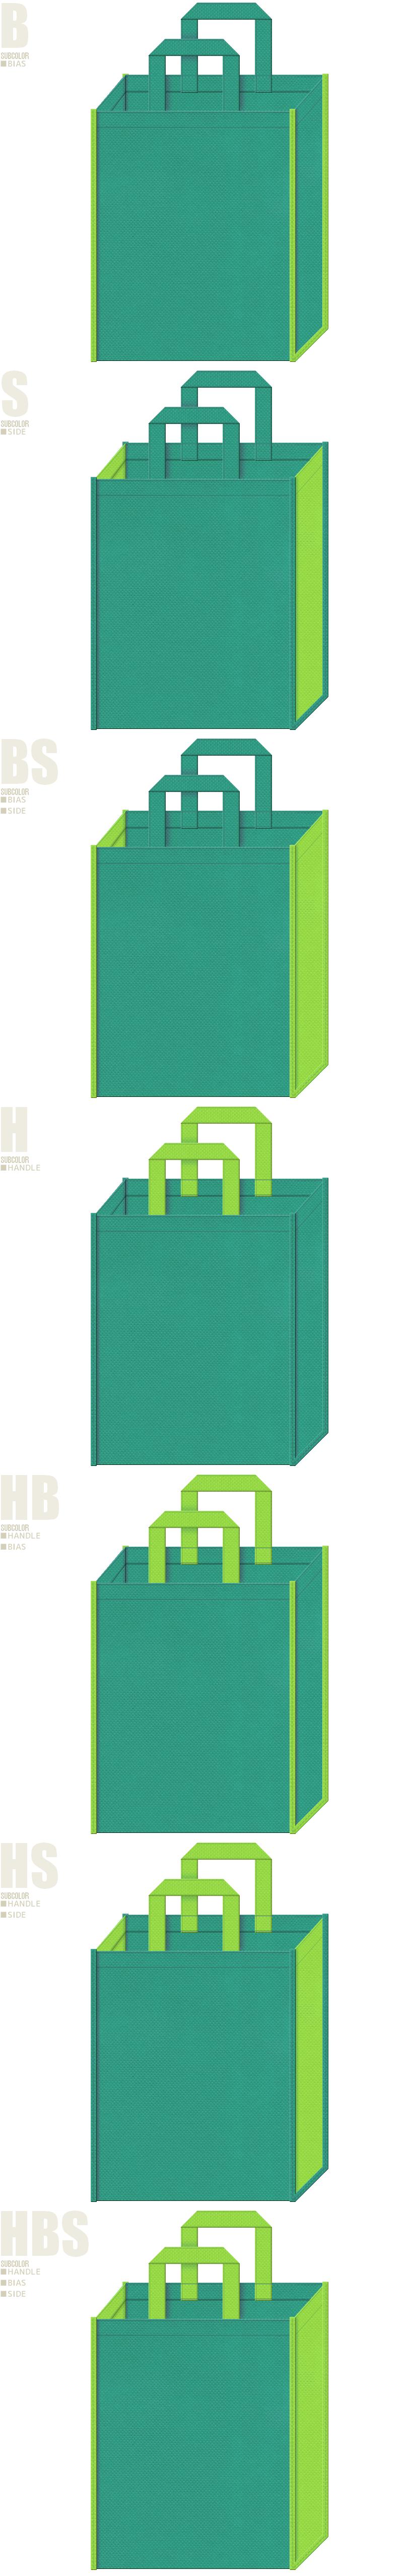 エコバッグ・ガーデニング用品の展示会用バッグにお奨めの不織布バッグデザイン:青緑色と黄緑色の不織布バッグ配色7パターン。